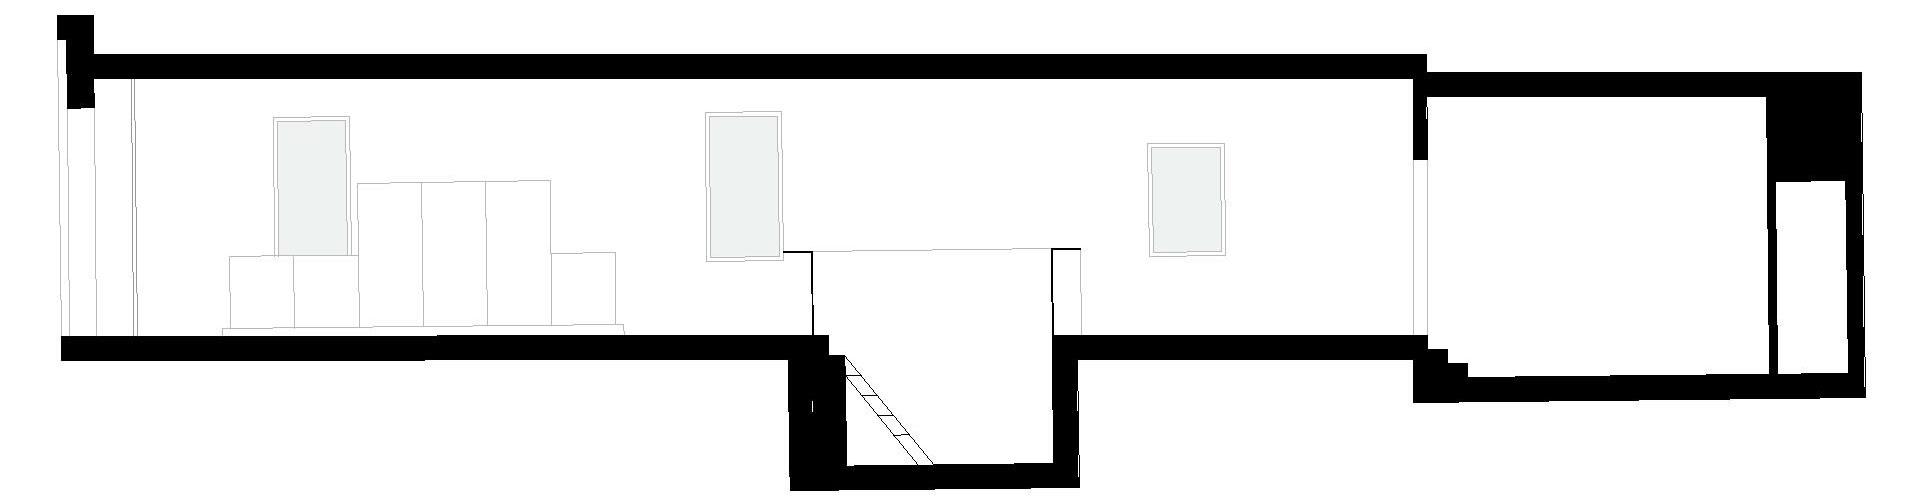 spazio_P (patatas Nana). sezione longitudinale con lo sviluppo dell'intervento e concept del riuso.